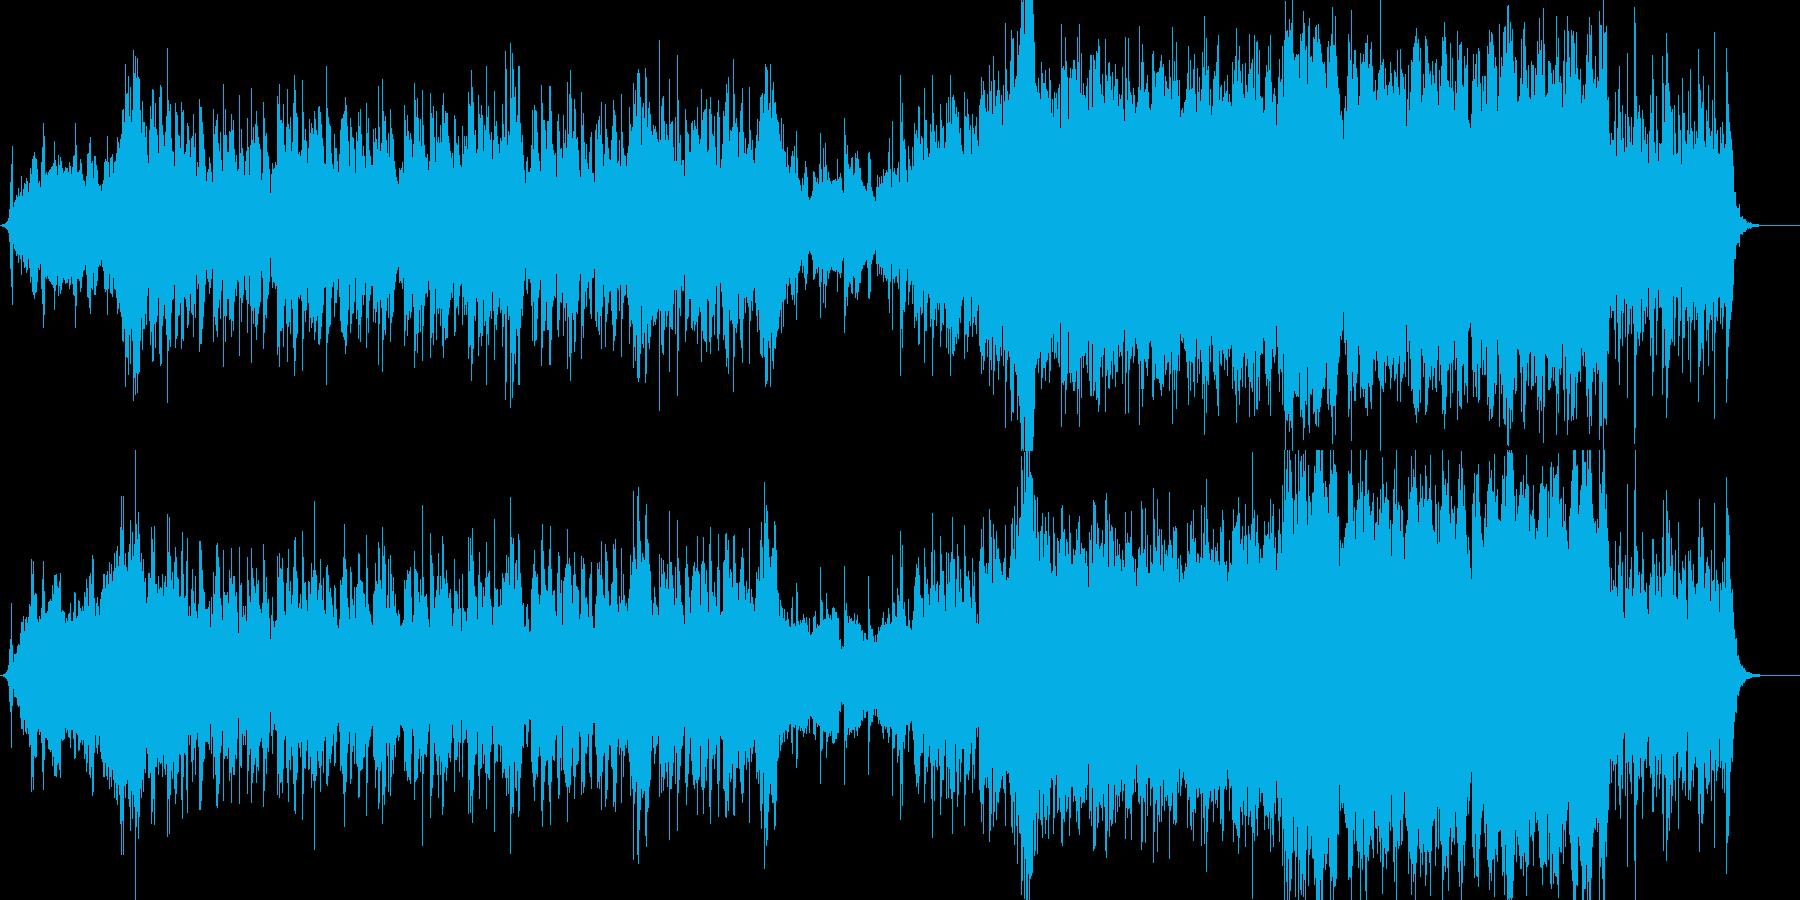 戦場・戦闘・荒廃した雰囲気のあるBGMの再生済みの波形